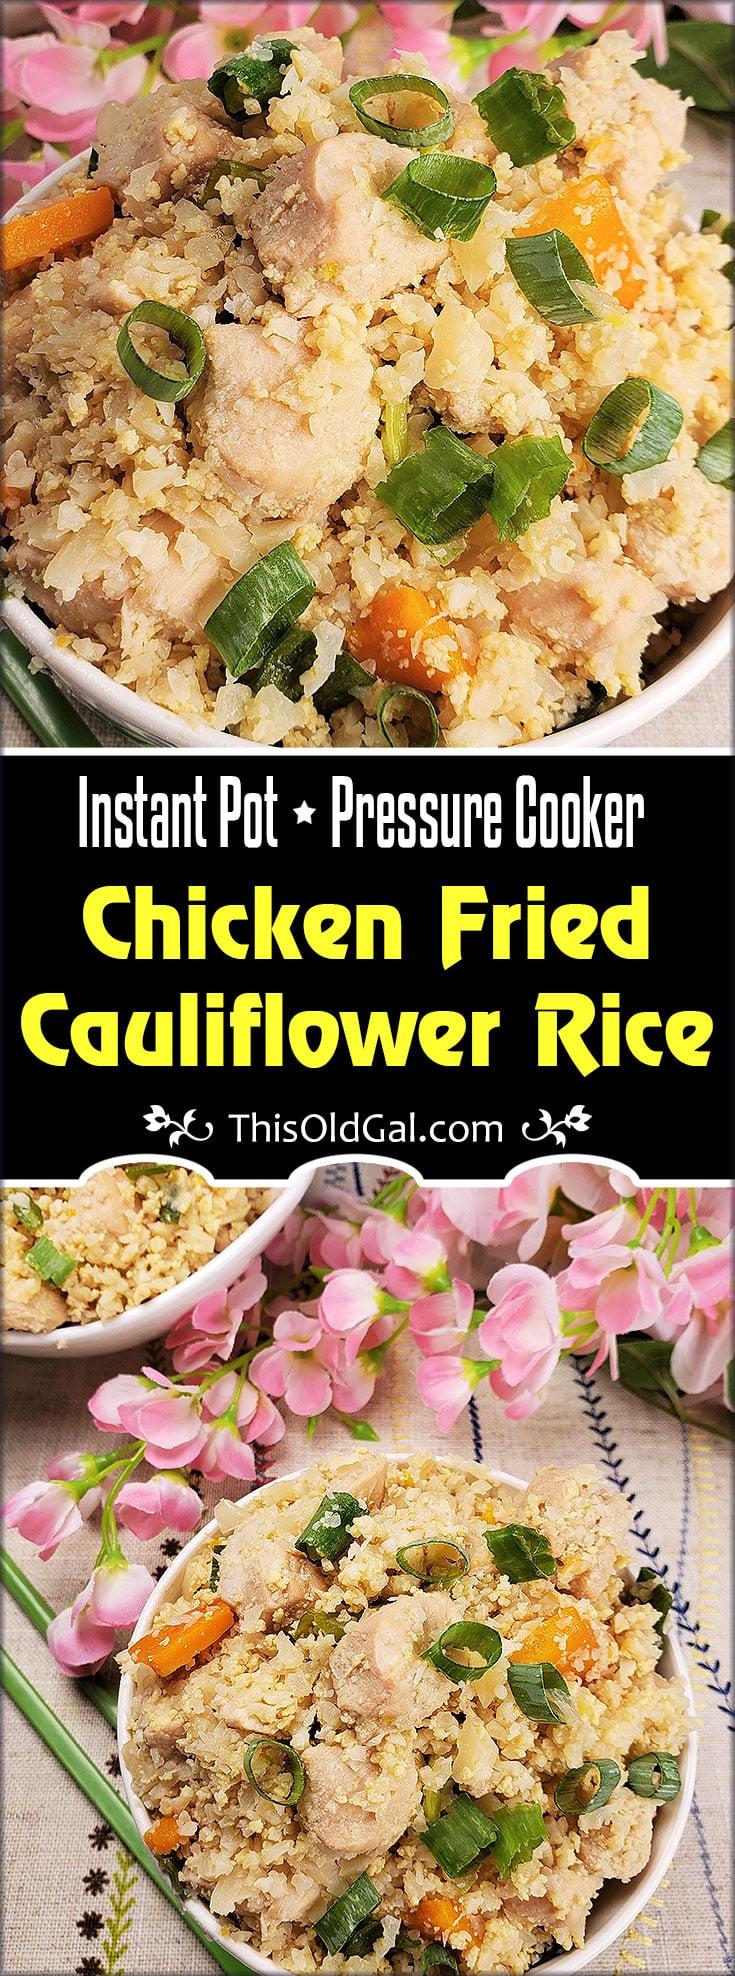 Instant Pot Pressure Cooker Chicken Fried Cauliflower Rice